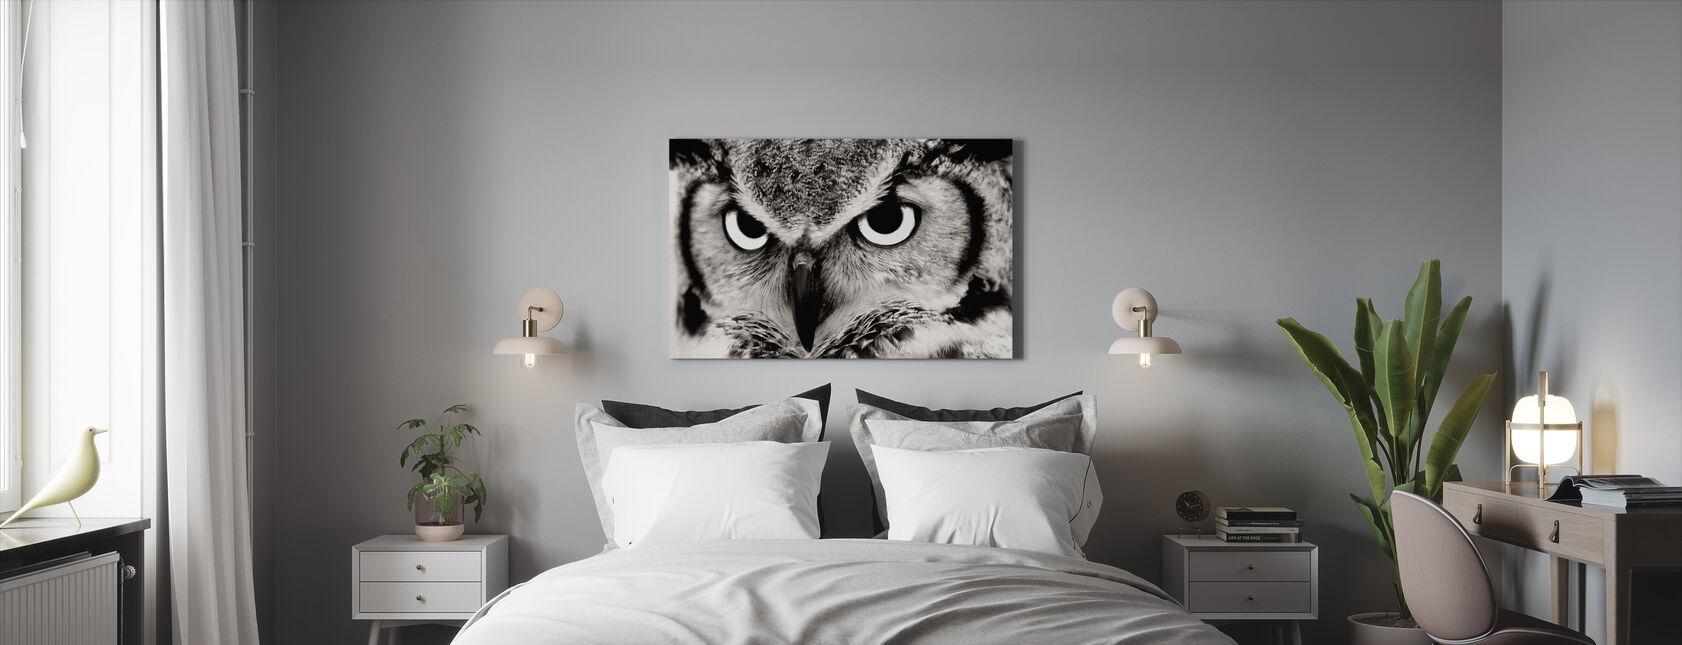 Suuri Sarvipäinen pöllö - Canvastaulu - Makuuhuone